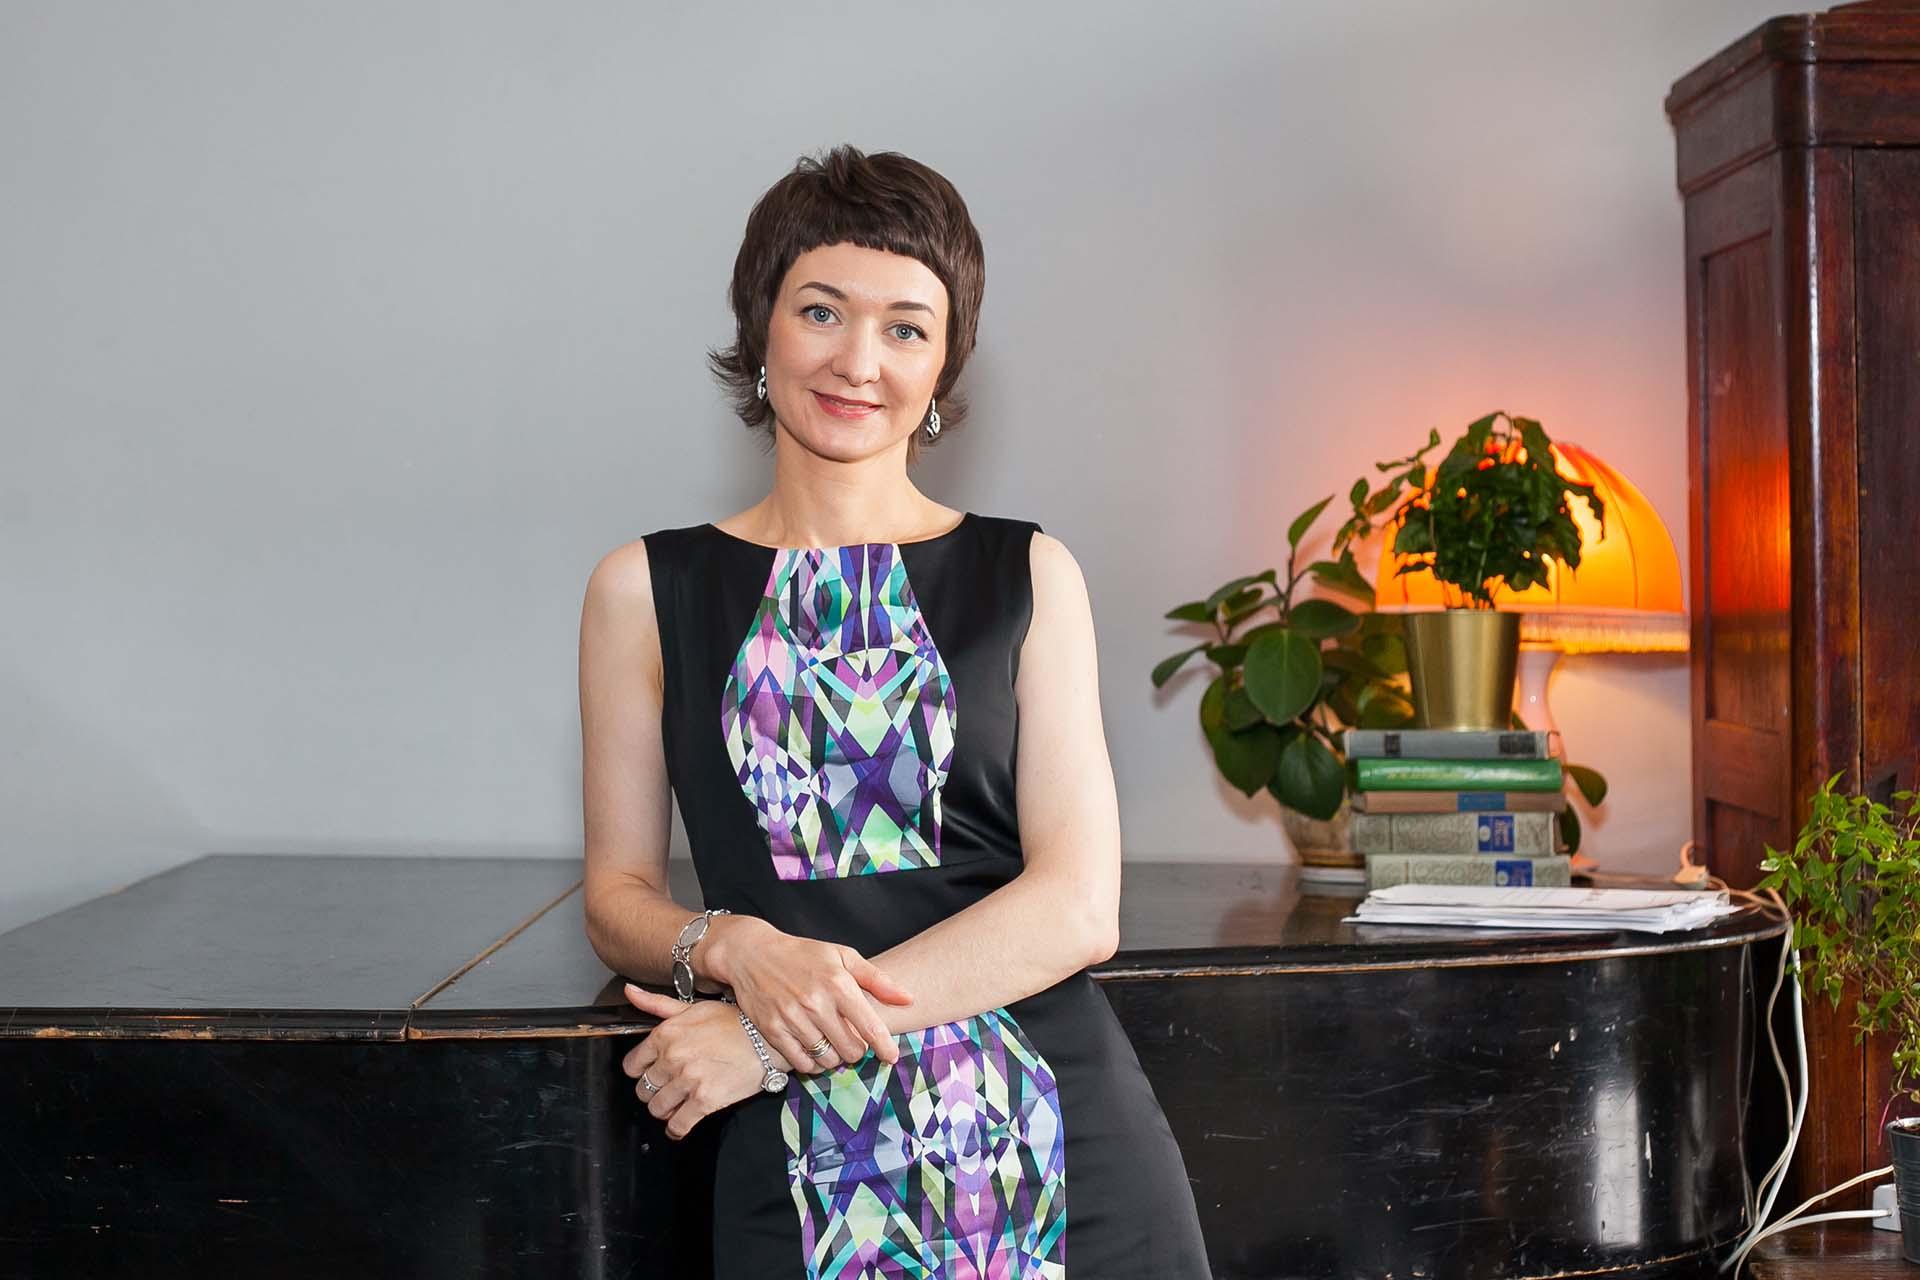 Ирина Ищенко, эксперт по франчайзингу с 10-летним профессиональным опытом, предприниматель, учредитель и ген. директор ООО «ЭКСПЕРТ-КОНСАЛТИНГ»